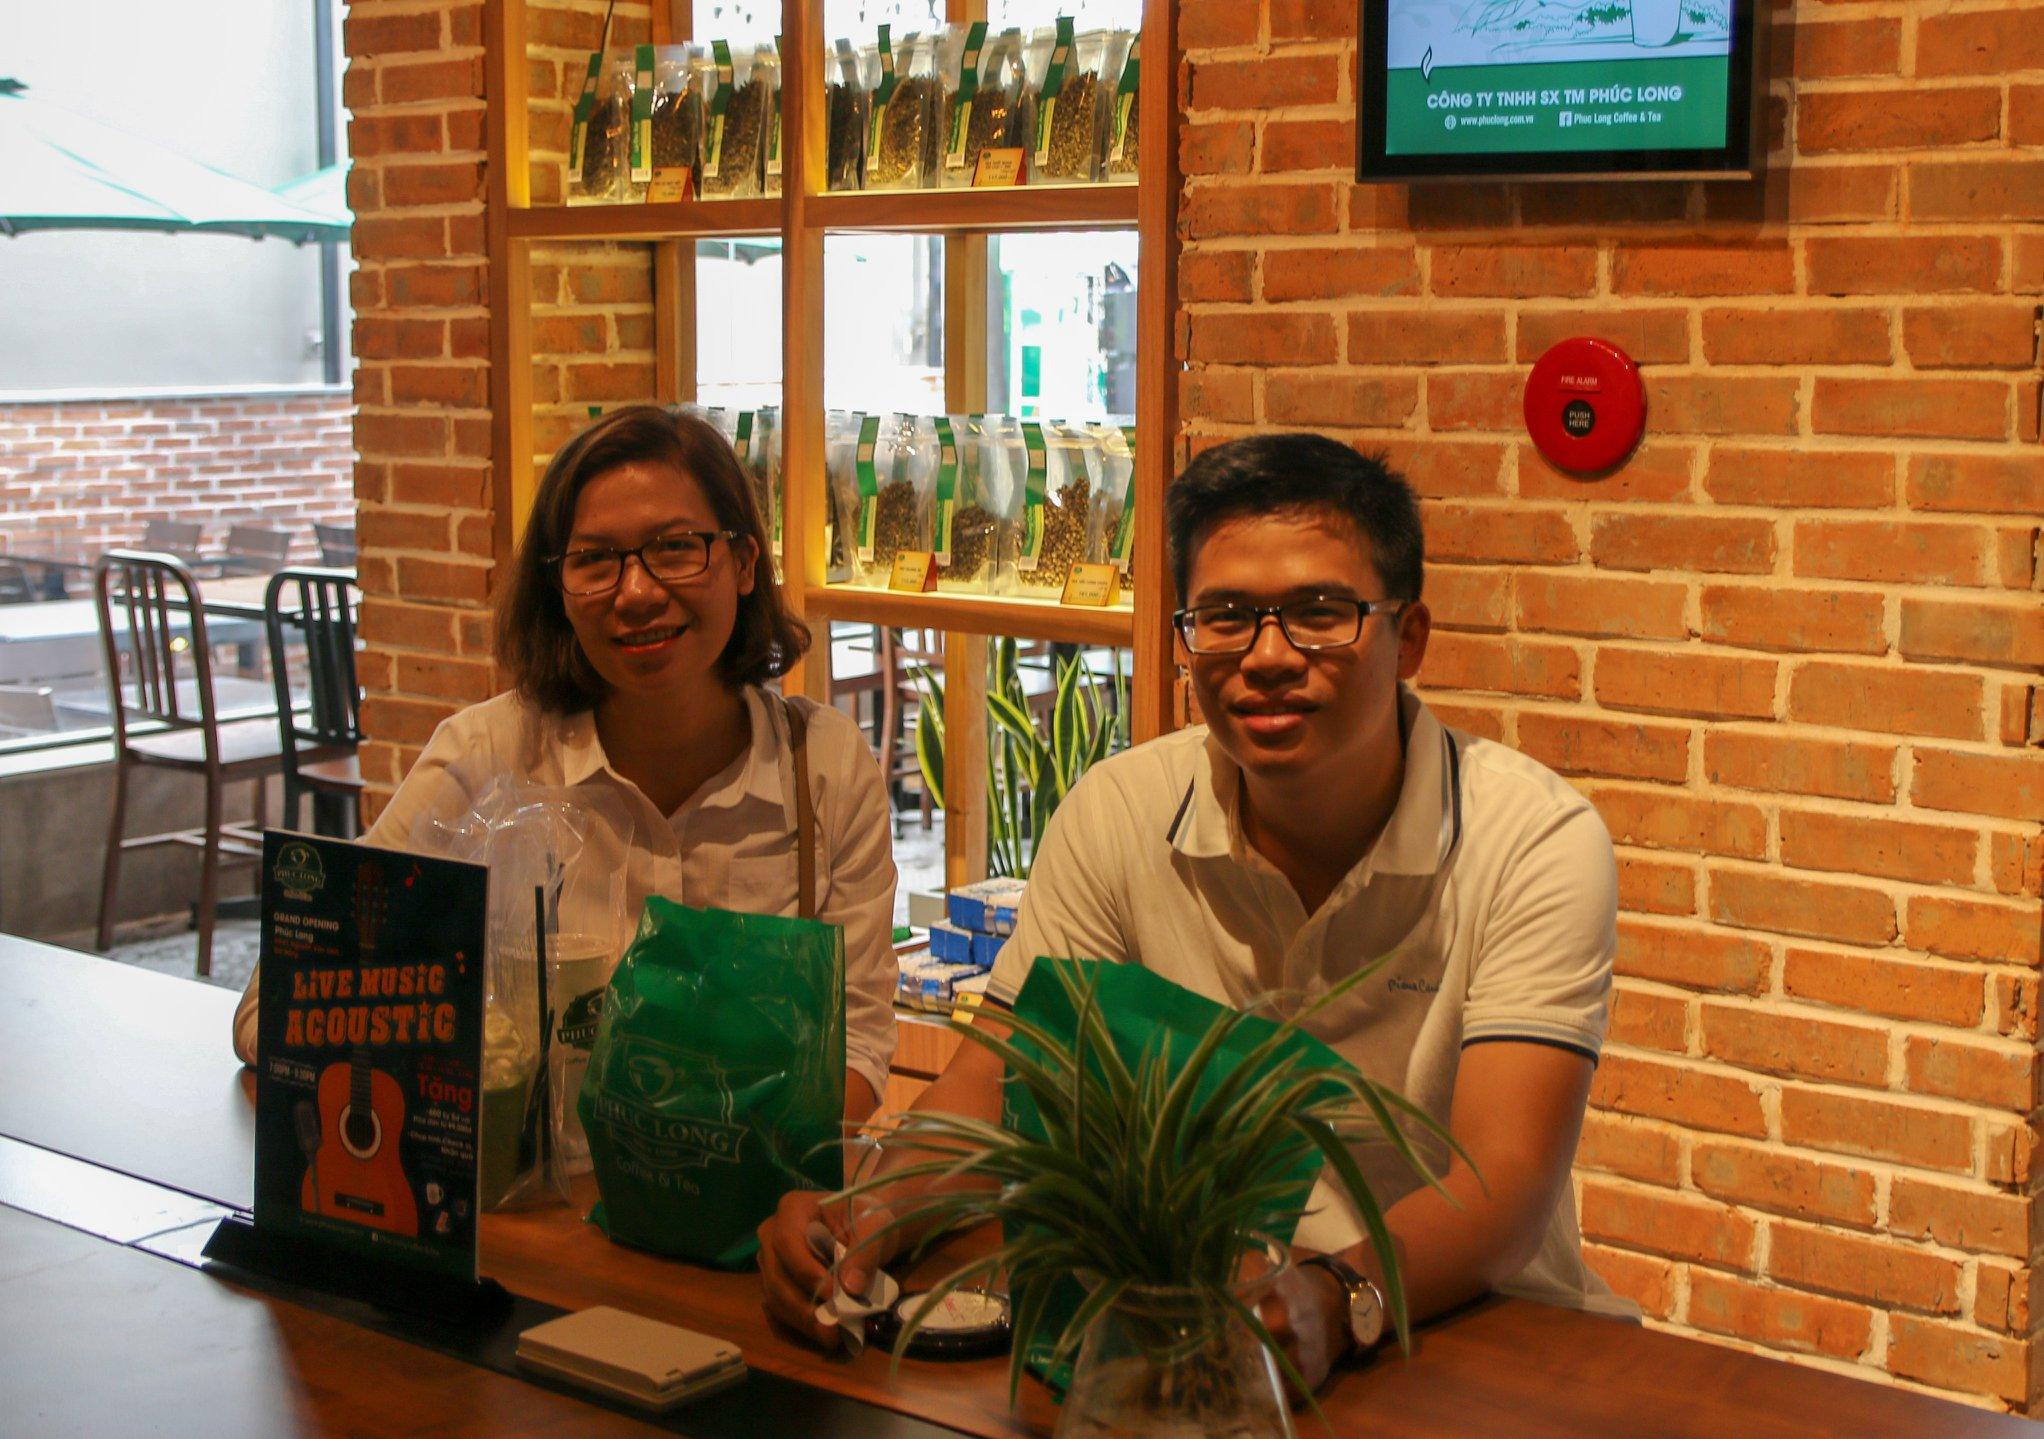 Mừng khai trương Phúc Long Nguyễn Văn Linh - Đà Nẵng